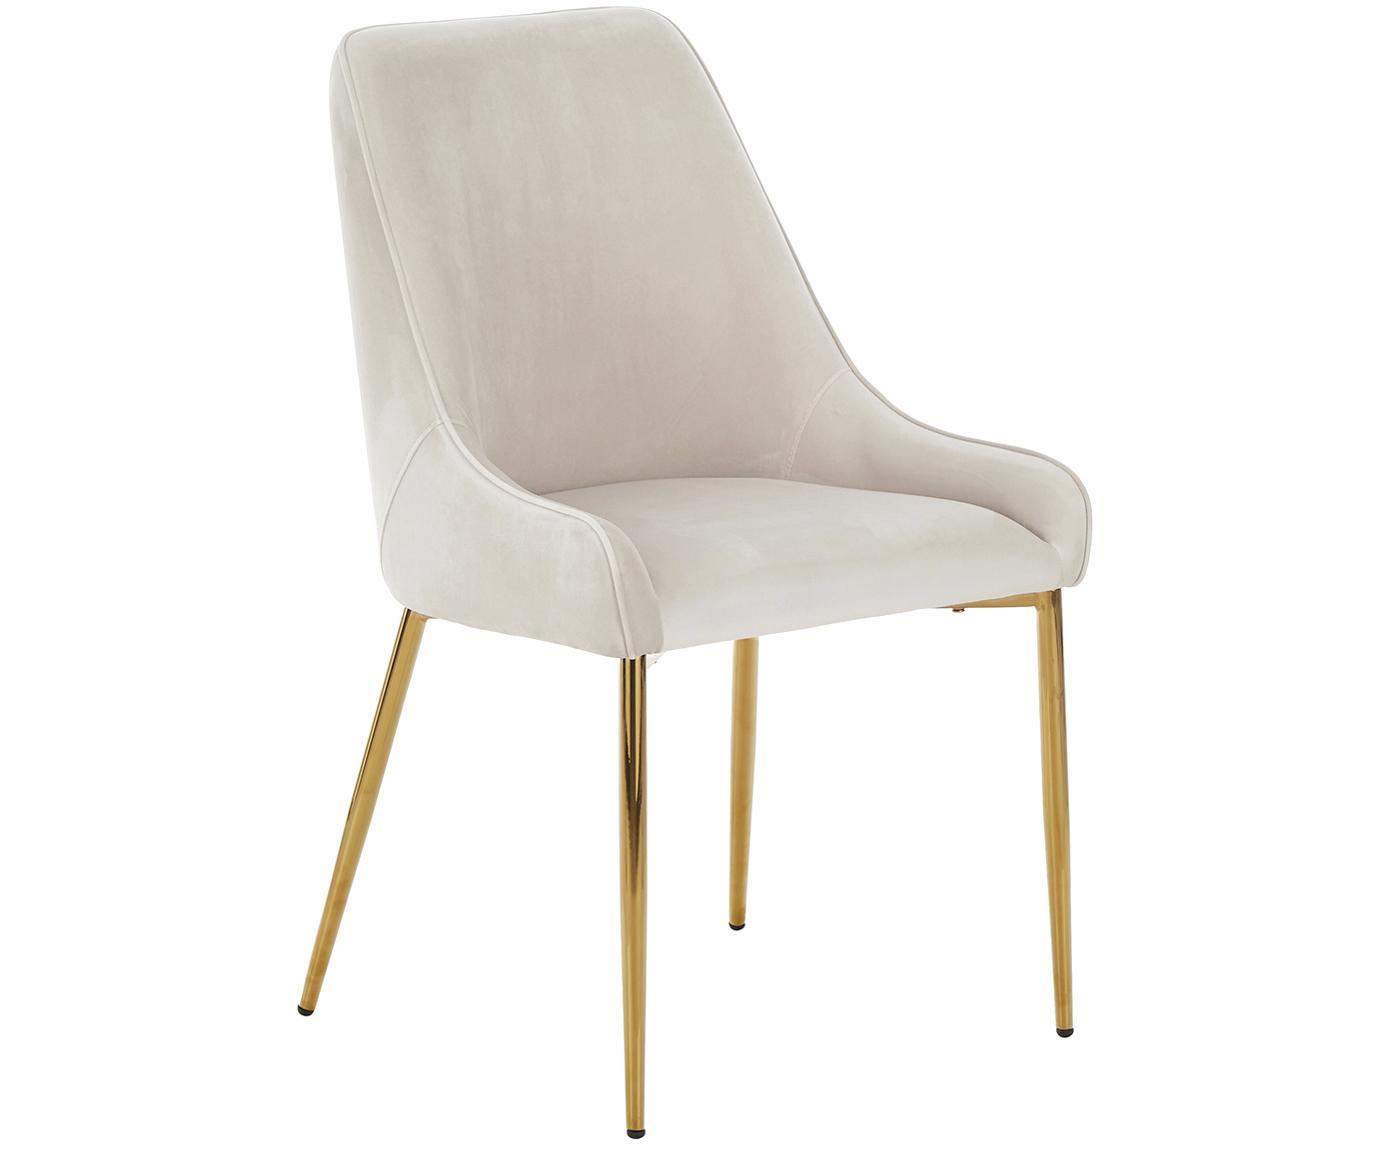 Samt-Polsterstuhl Ava mit goldfarbenen Beinen, Bezug: Samt (100% Polyester) 50., Beine: Metall, Samt Beige, B 53 x T 60 cm